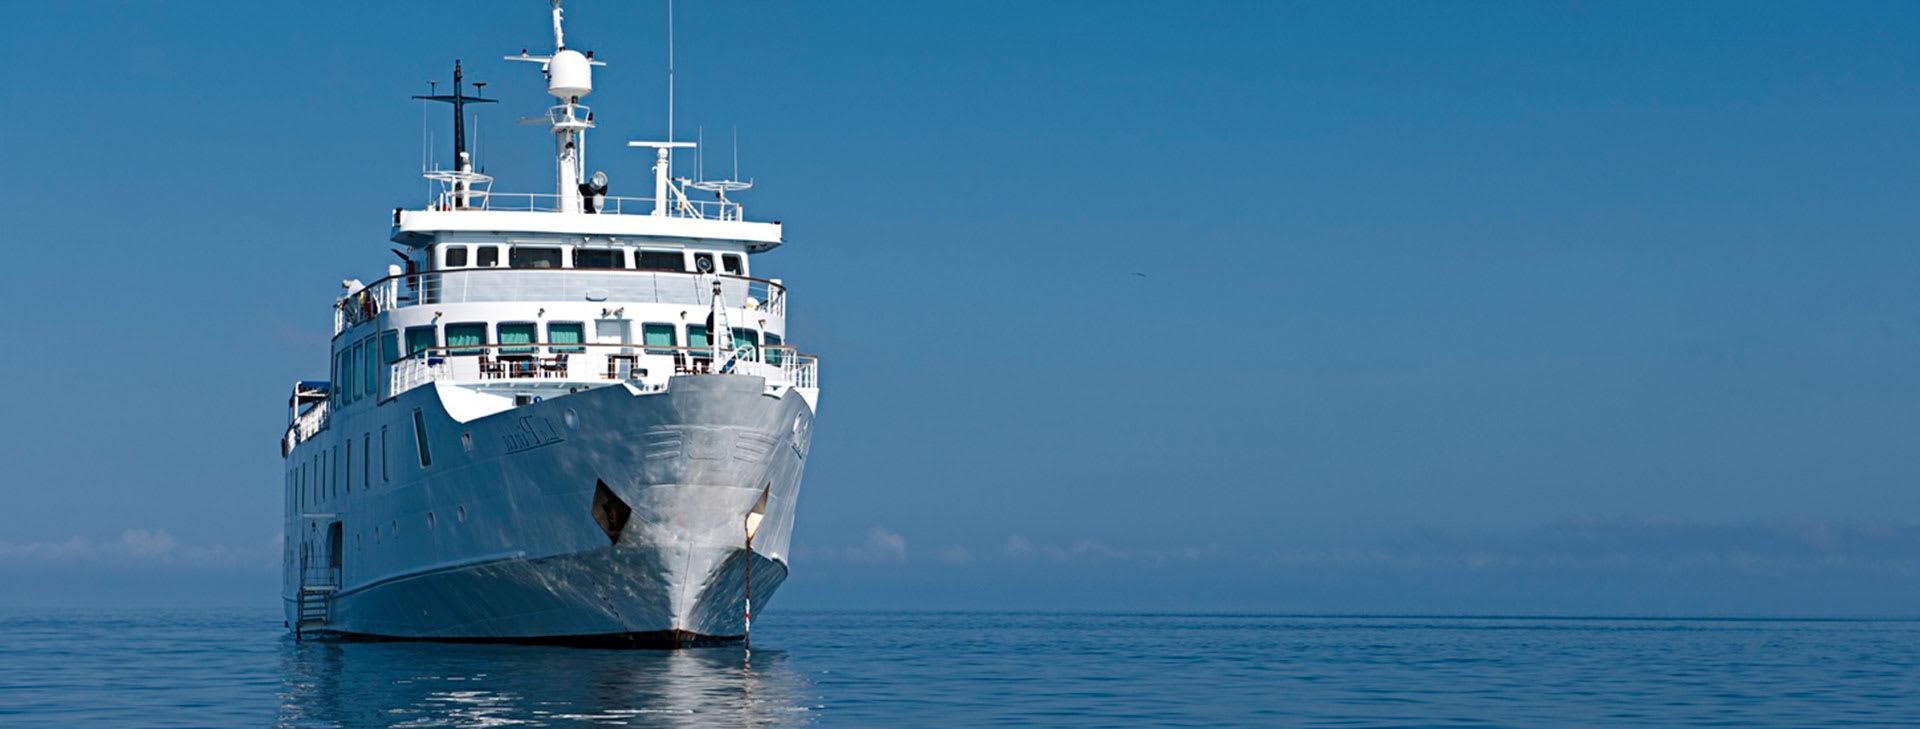 La Pinta at sea